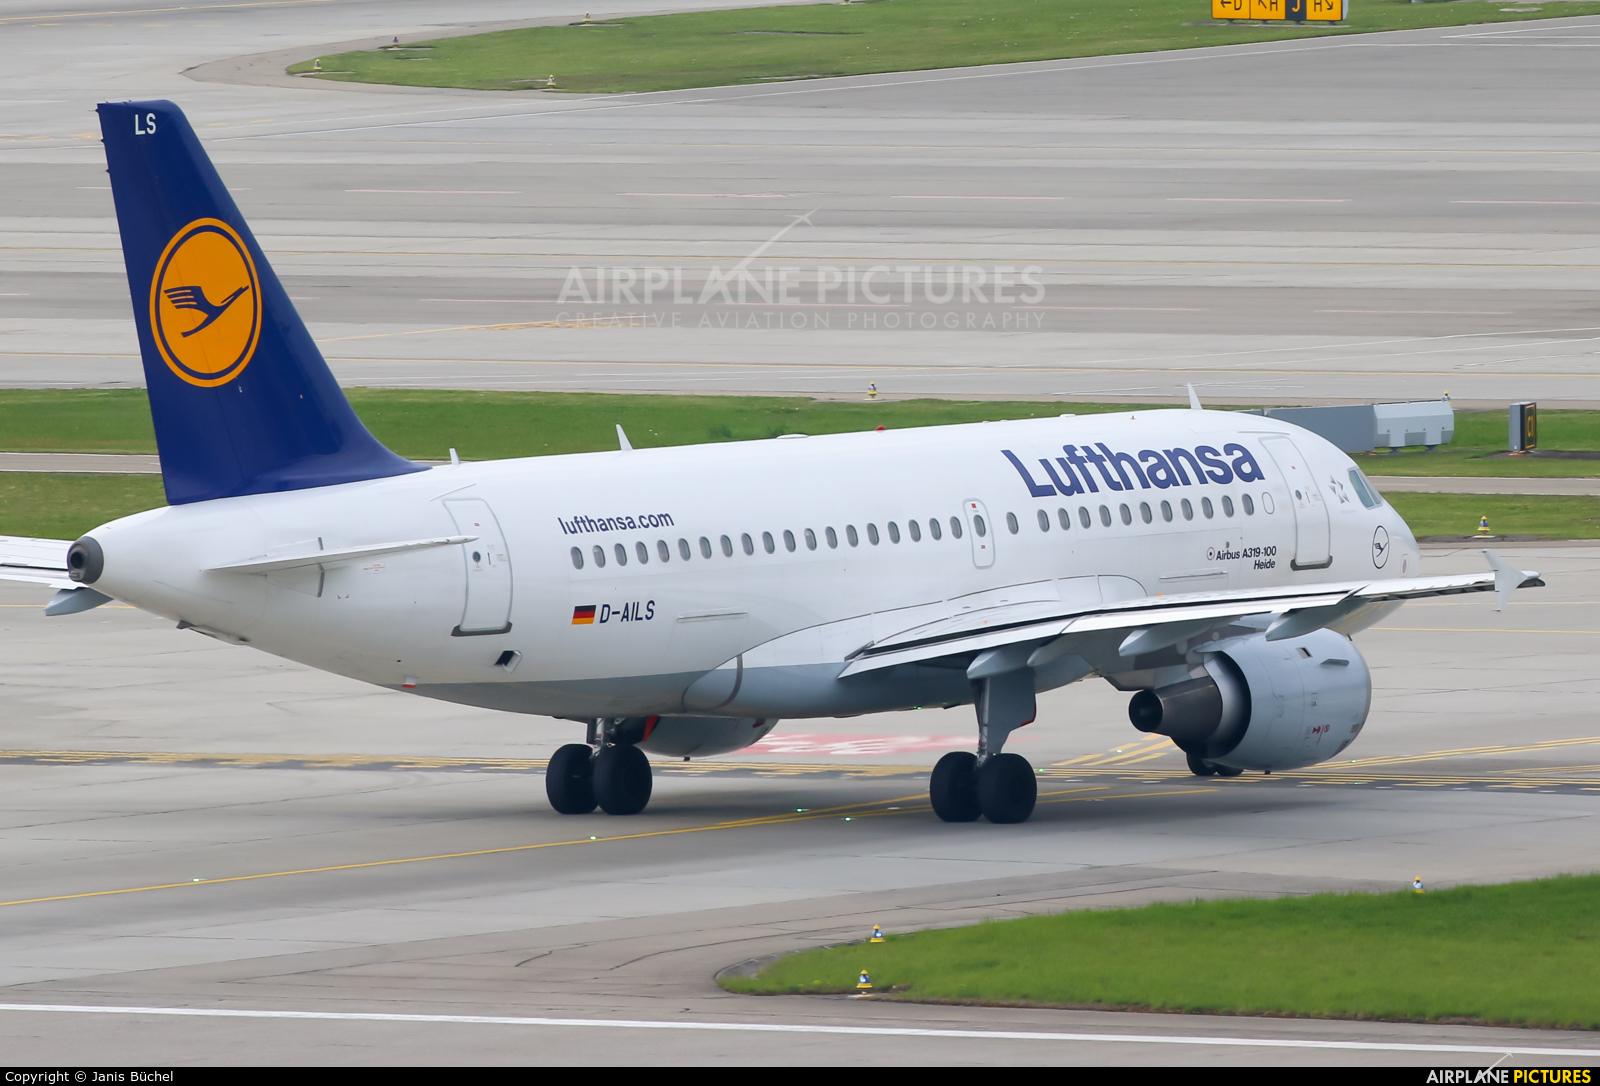 Lufthansa D-AILS aircraft at Zurich